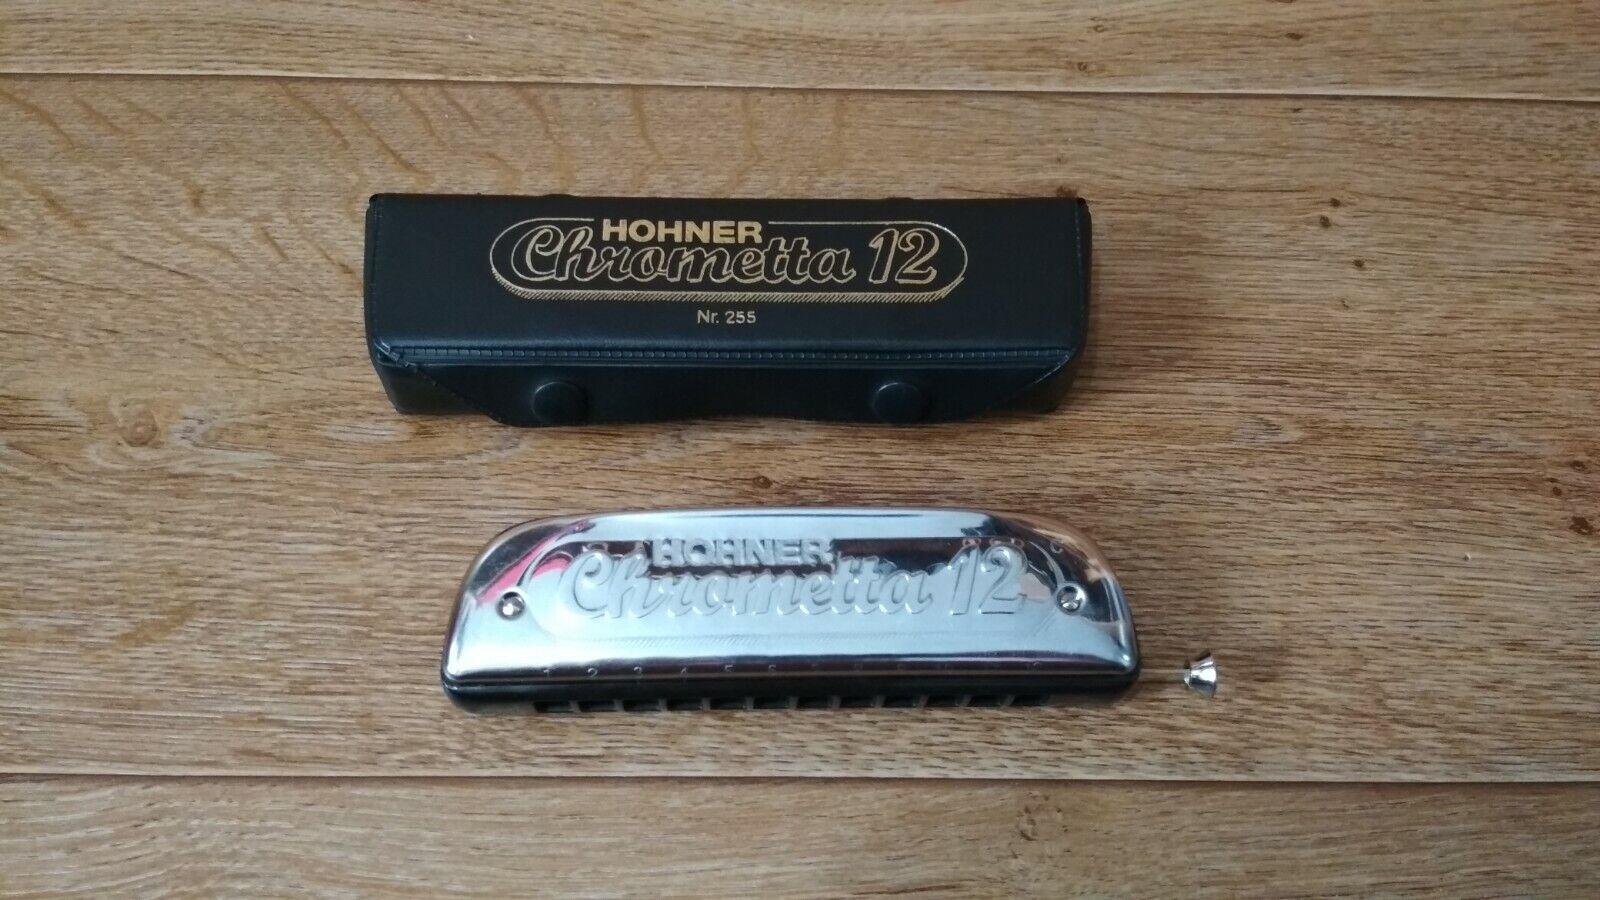 Harmonica HOHNER Chrametta 12 Nr. 255